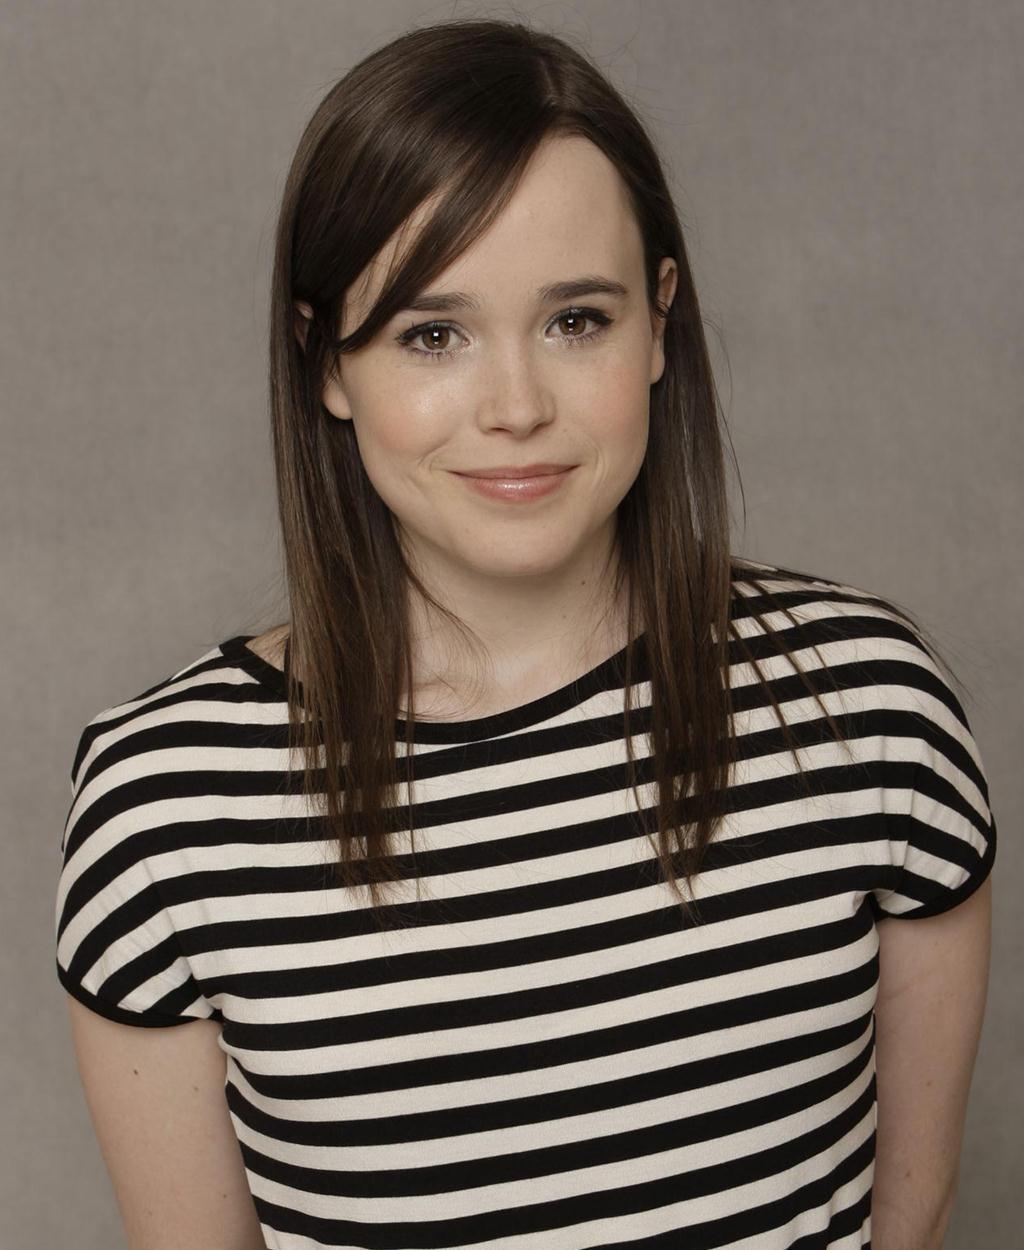 Wallpaper Ellen Page, 4k, photo, Celebrities #14095